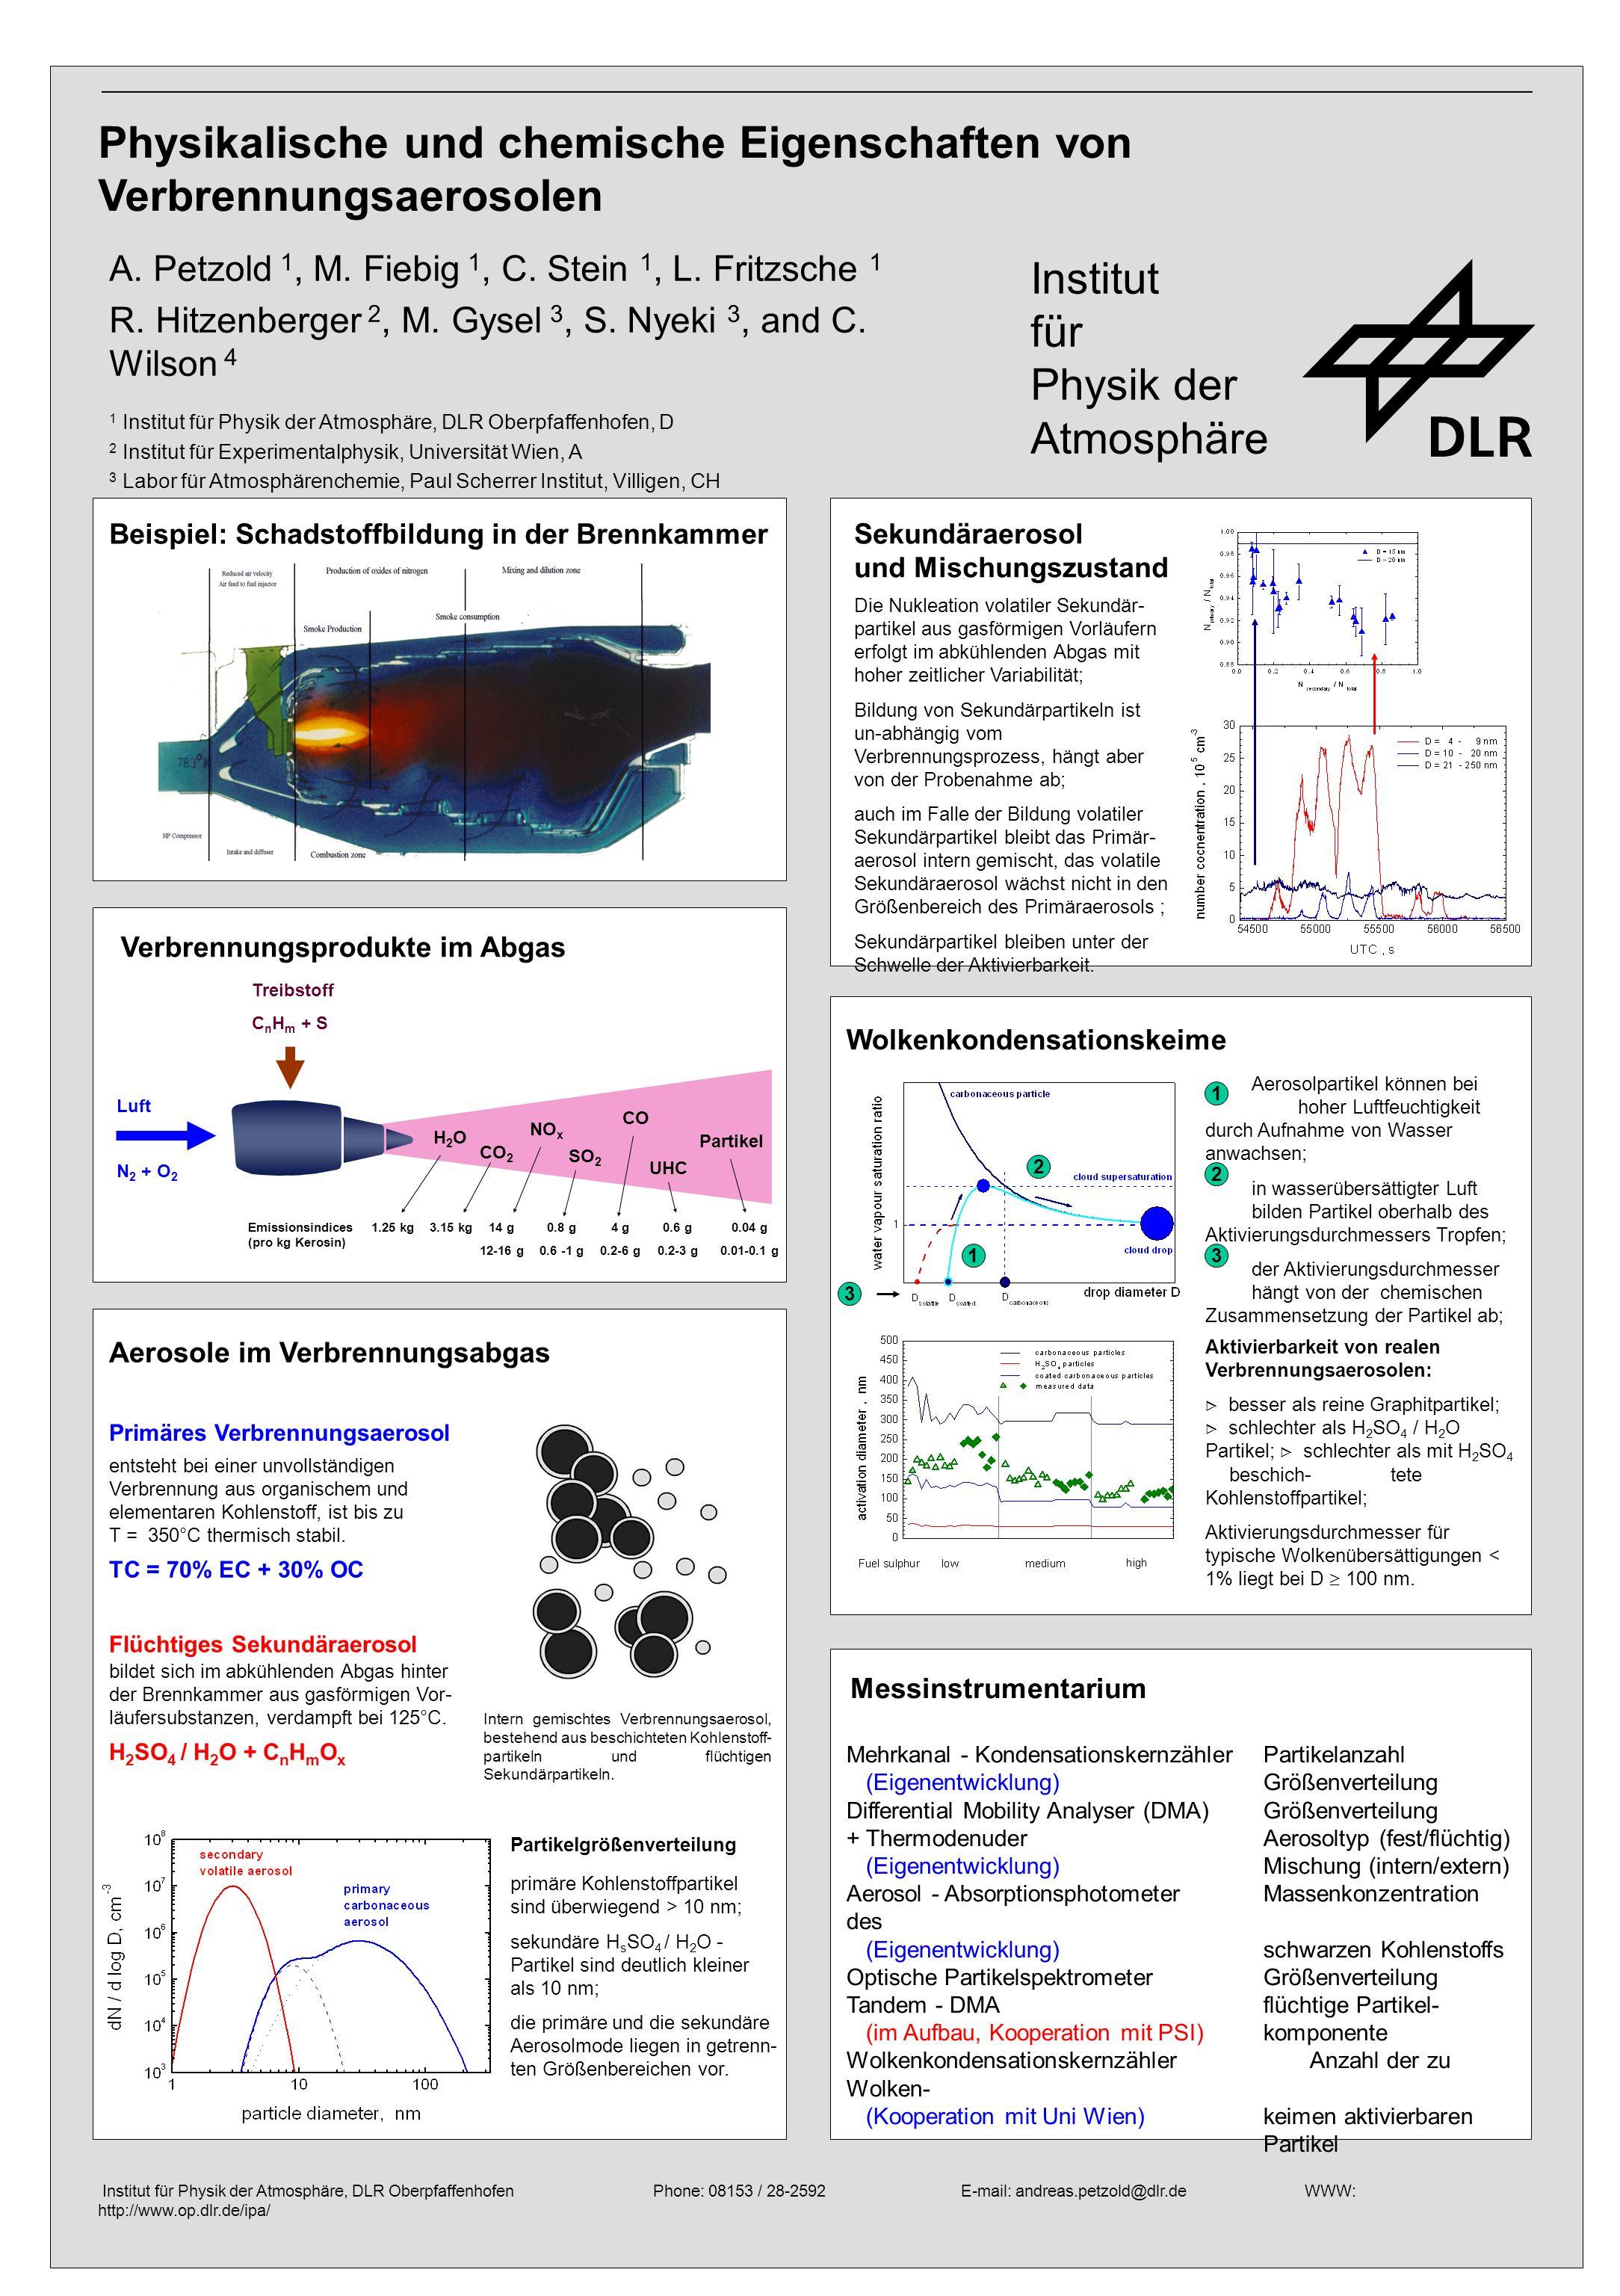 Physikalische und chemische Eigenschaften von Verbrennungsaerosolen A. Petzold 1, M. Fiebig 1, C. Stein 1, L. Fritzsche 1 R. Hitzenberger 2, M. Gysel